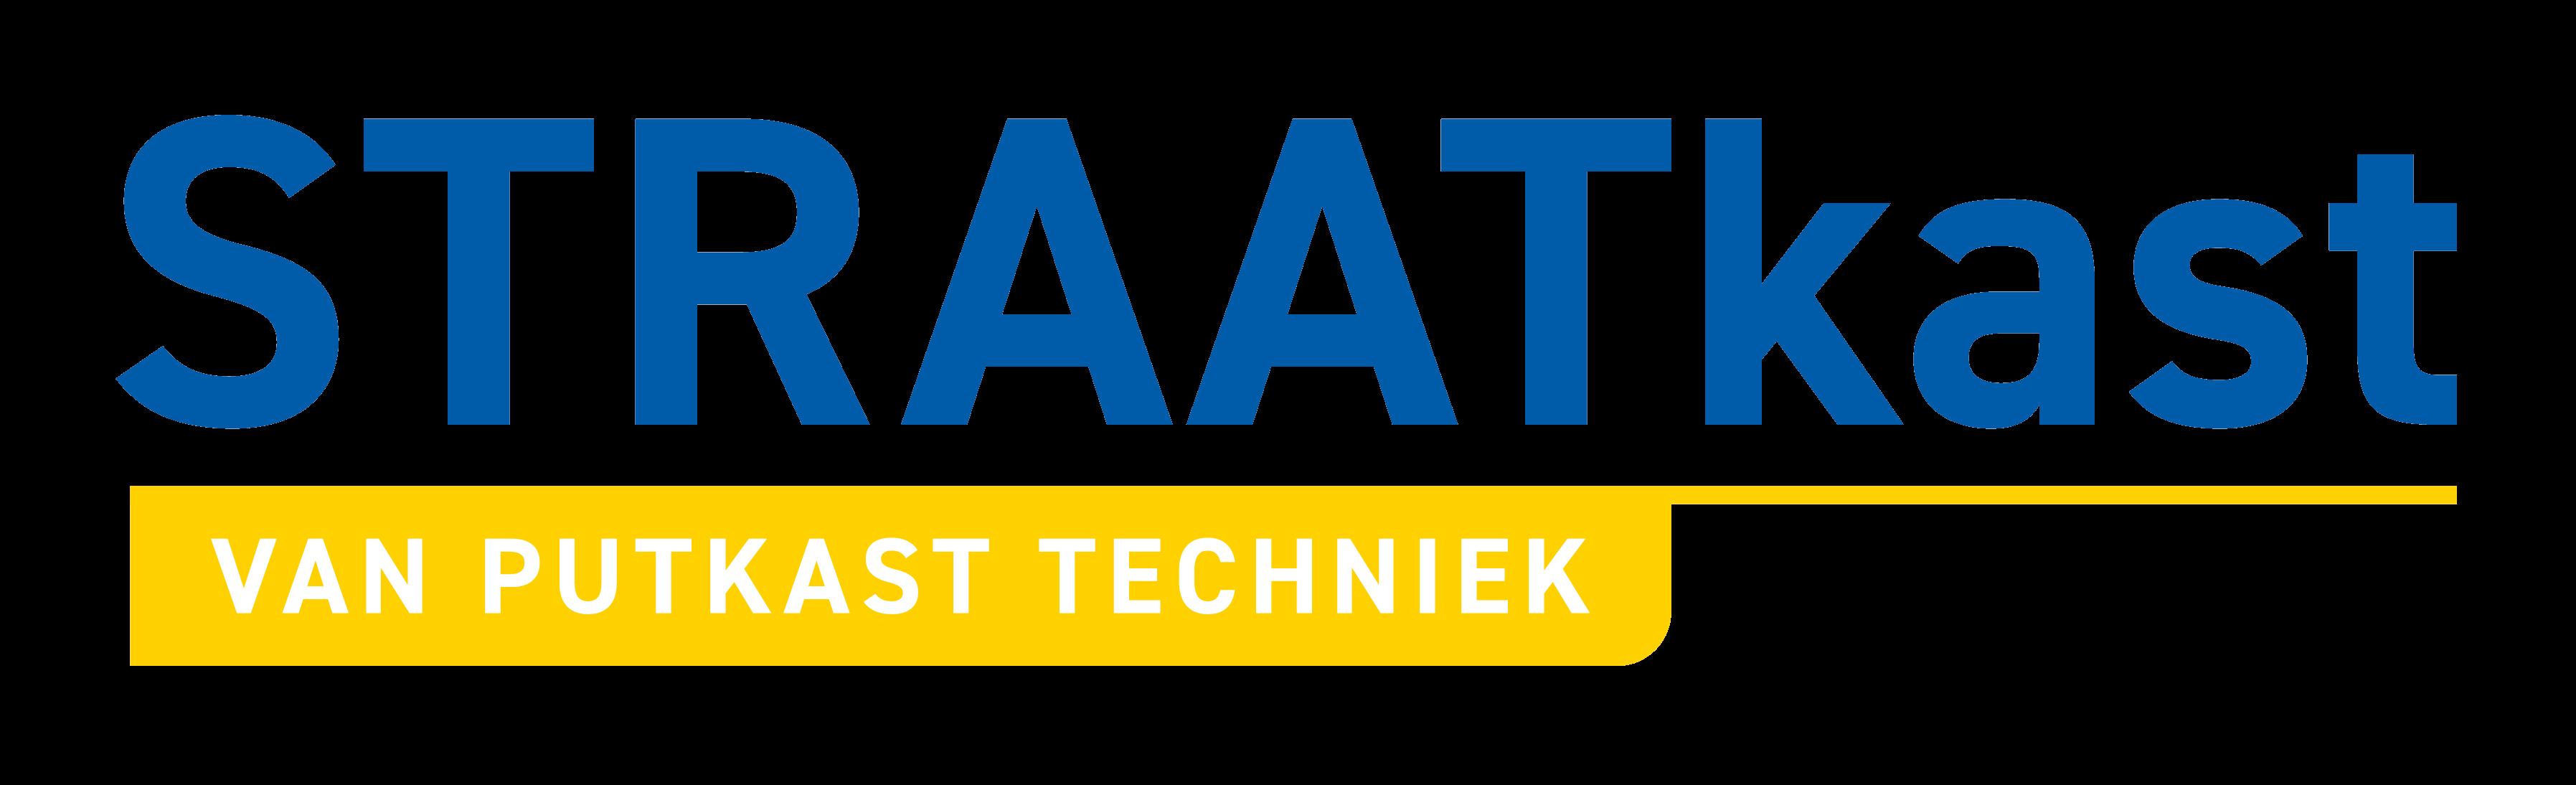 STRAATkast.nl